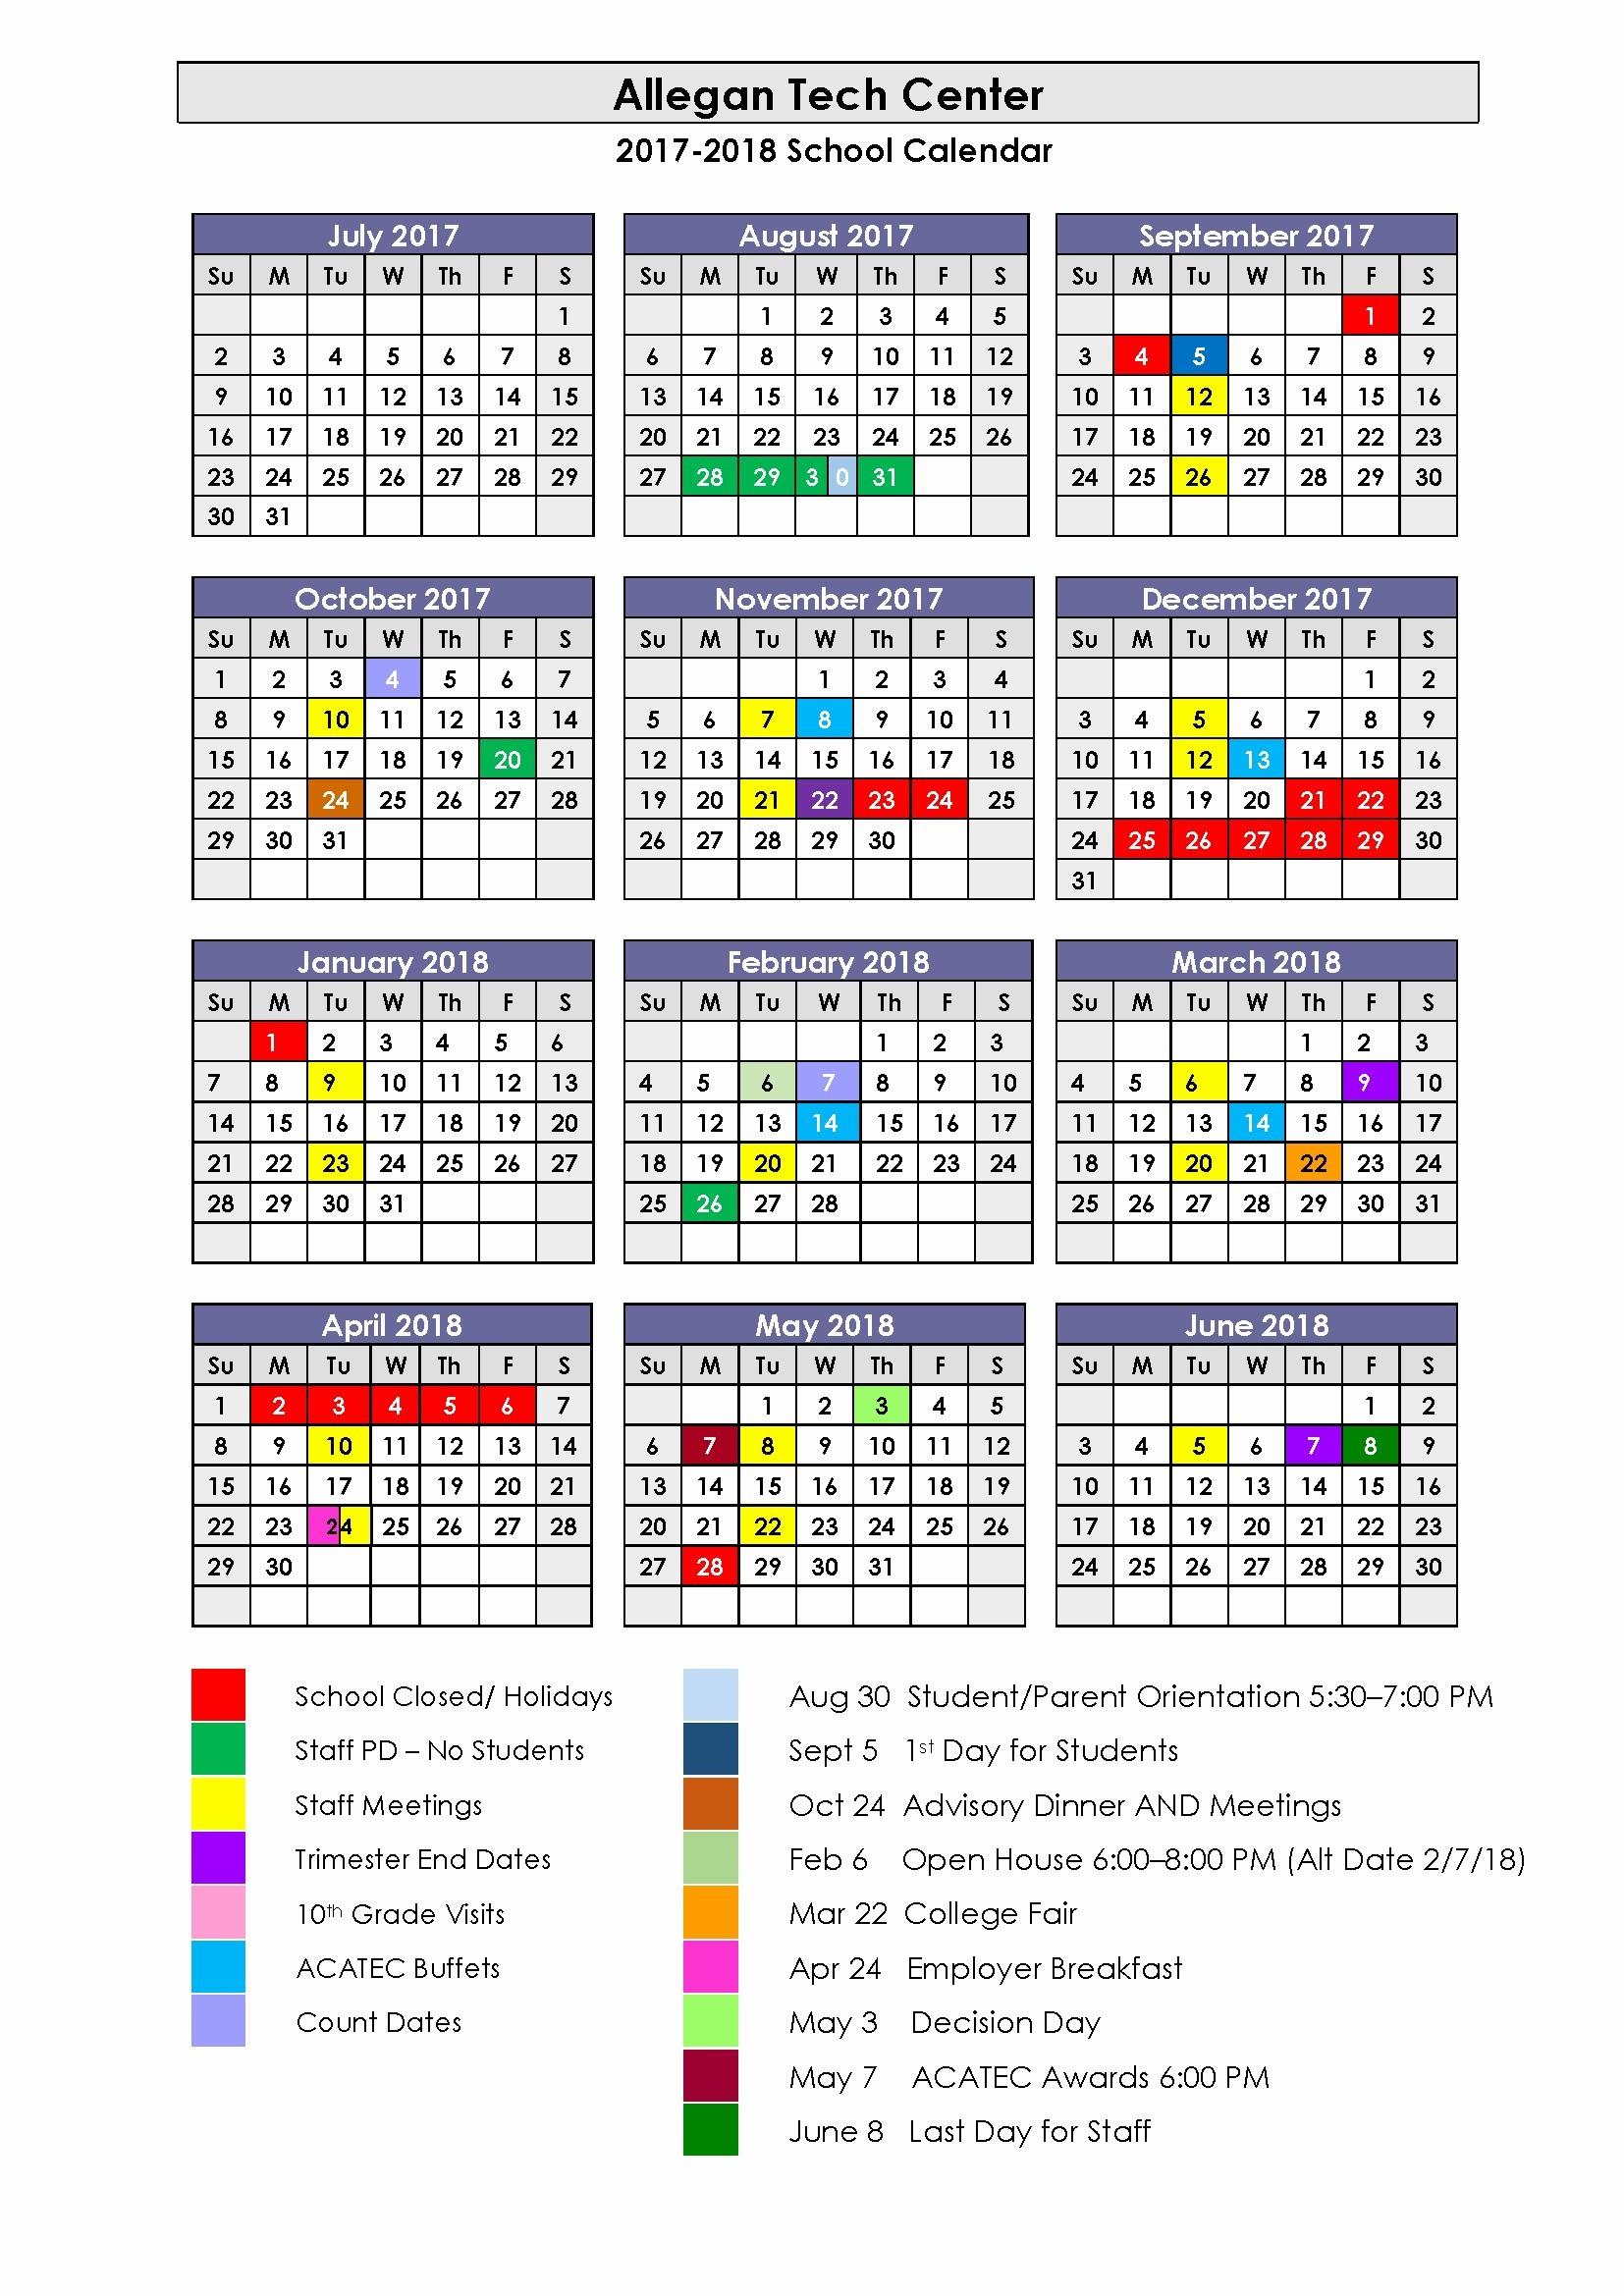 Calendar 2019 Con Semanas Del Más Actual Cy Fair isd Calendar Of Calendar 2019 Con Semanas Del Más Arriba-a-fecha Download 2019 Calendar Printable with Holidays List